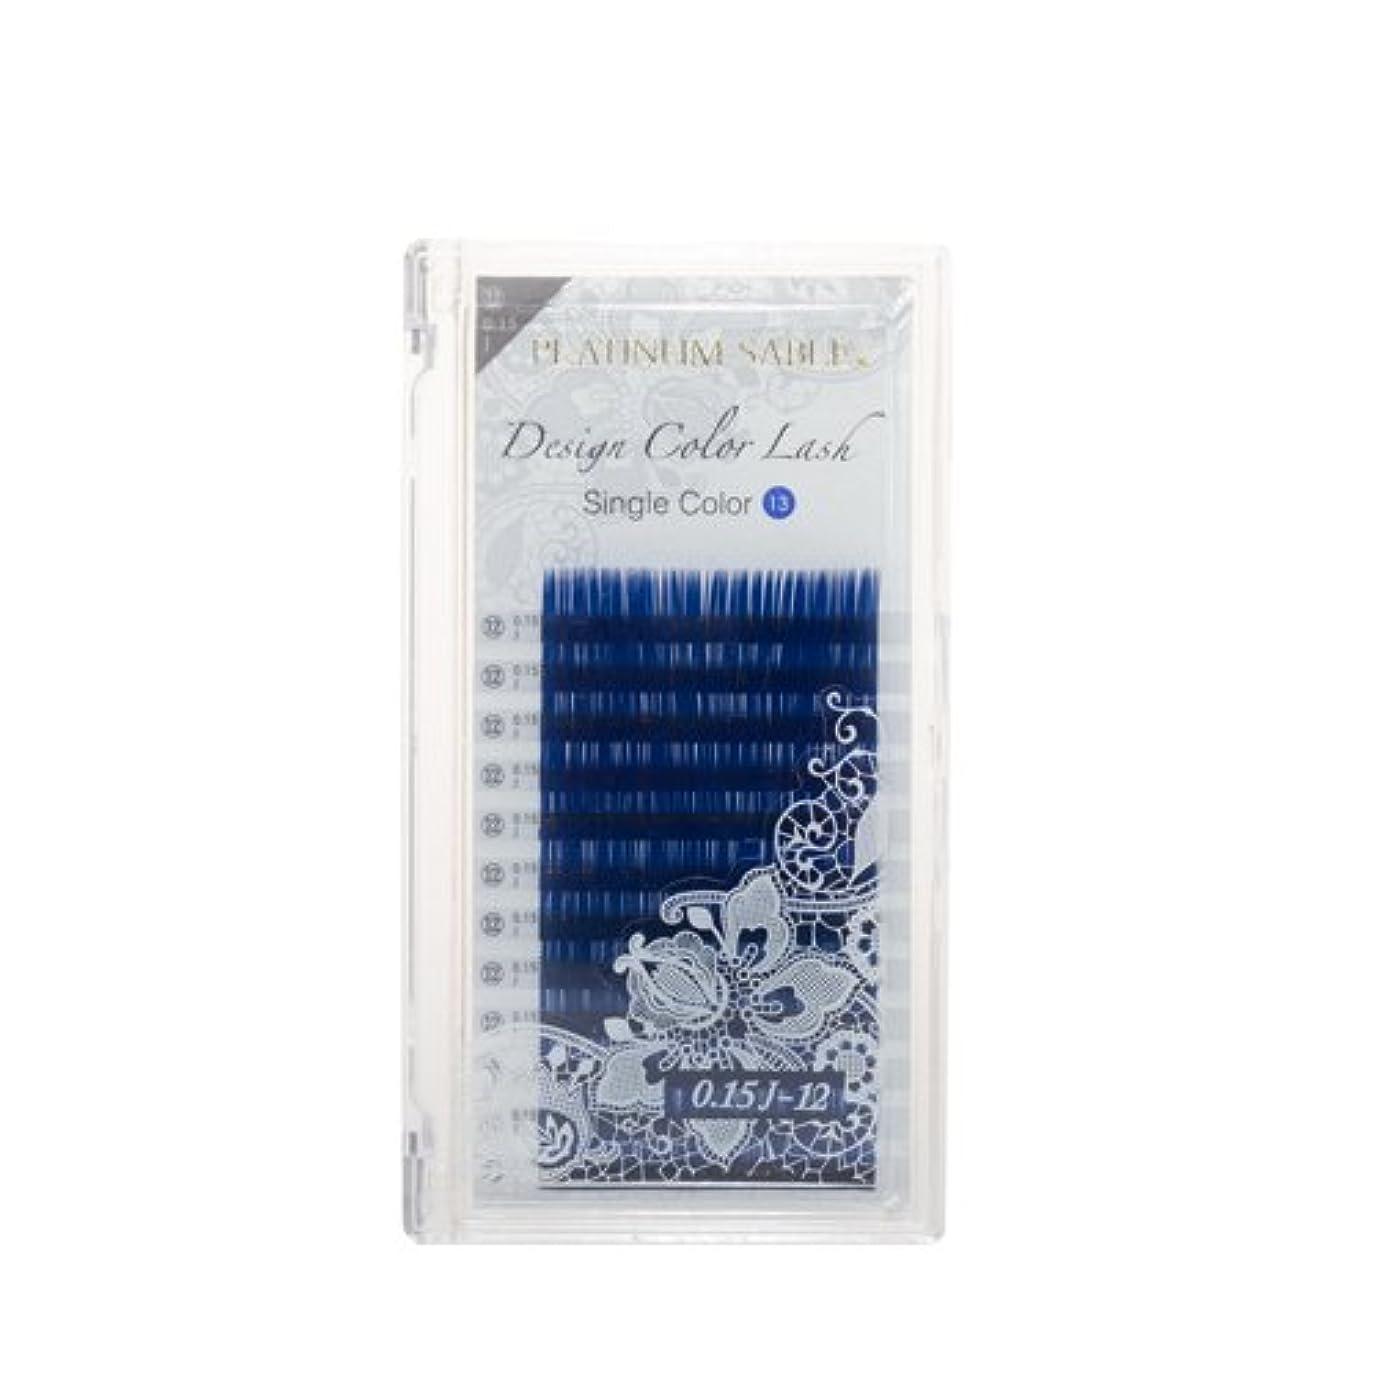 ロゴ湿原問い合わせプラチナセーブルデザインカラー0.15mmC11mmロイヤルブルー